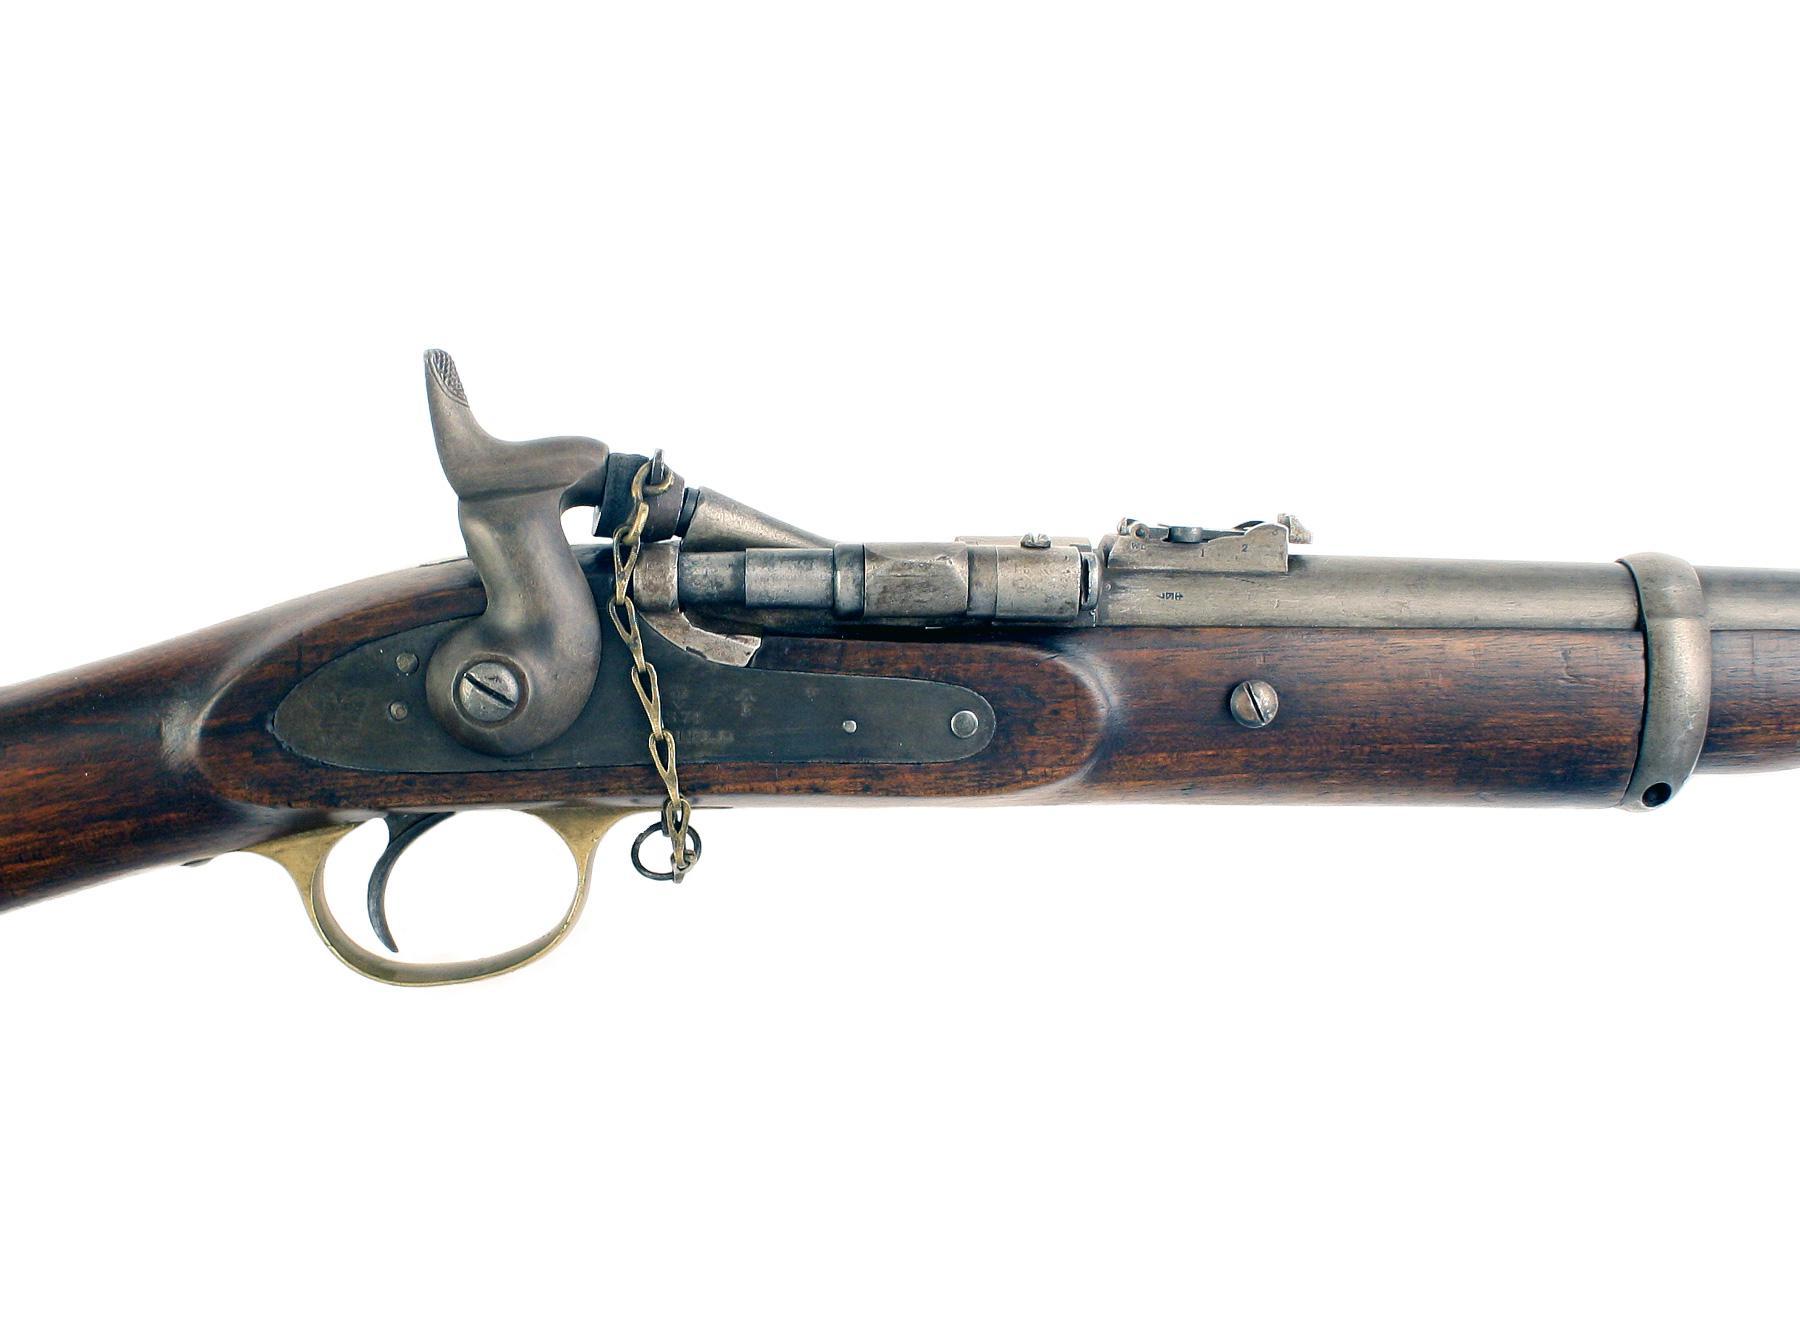 A Snider Carbine